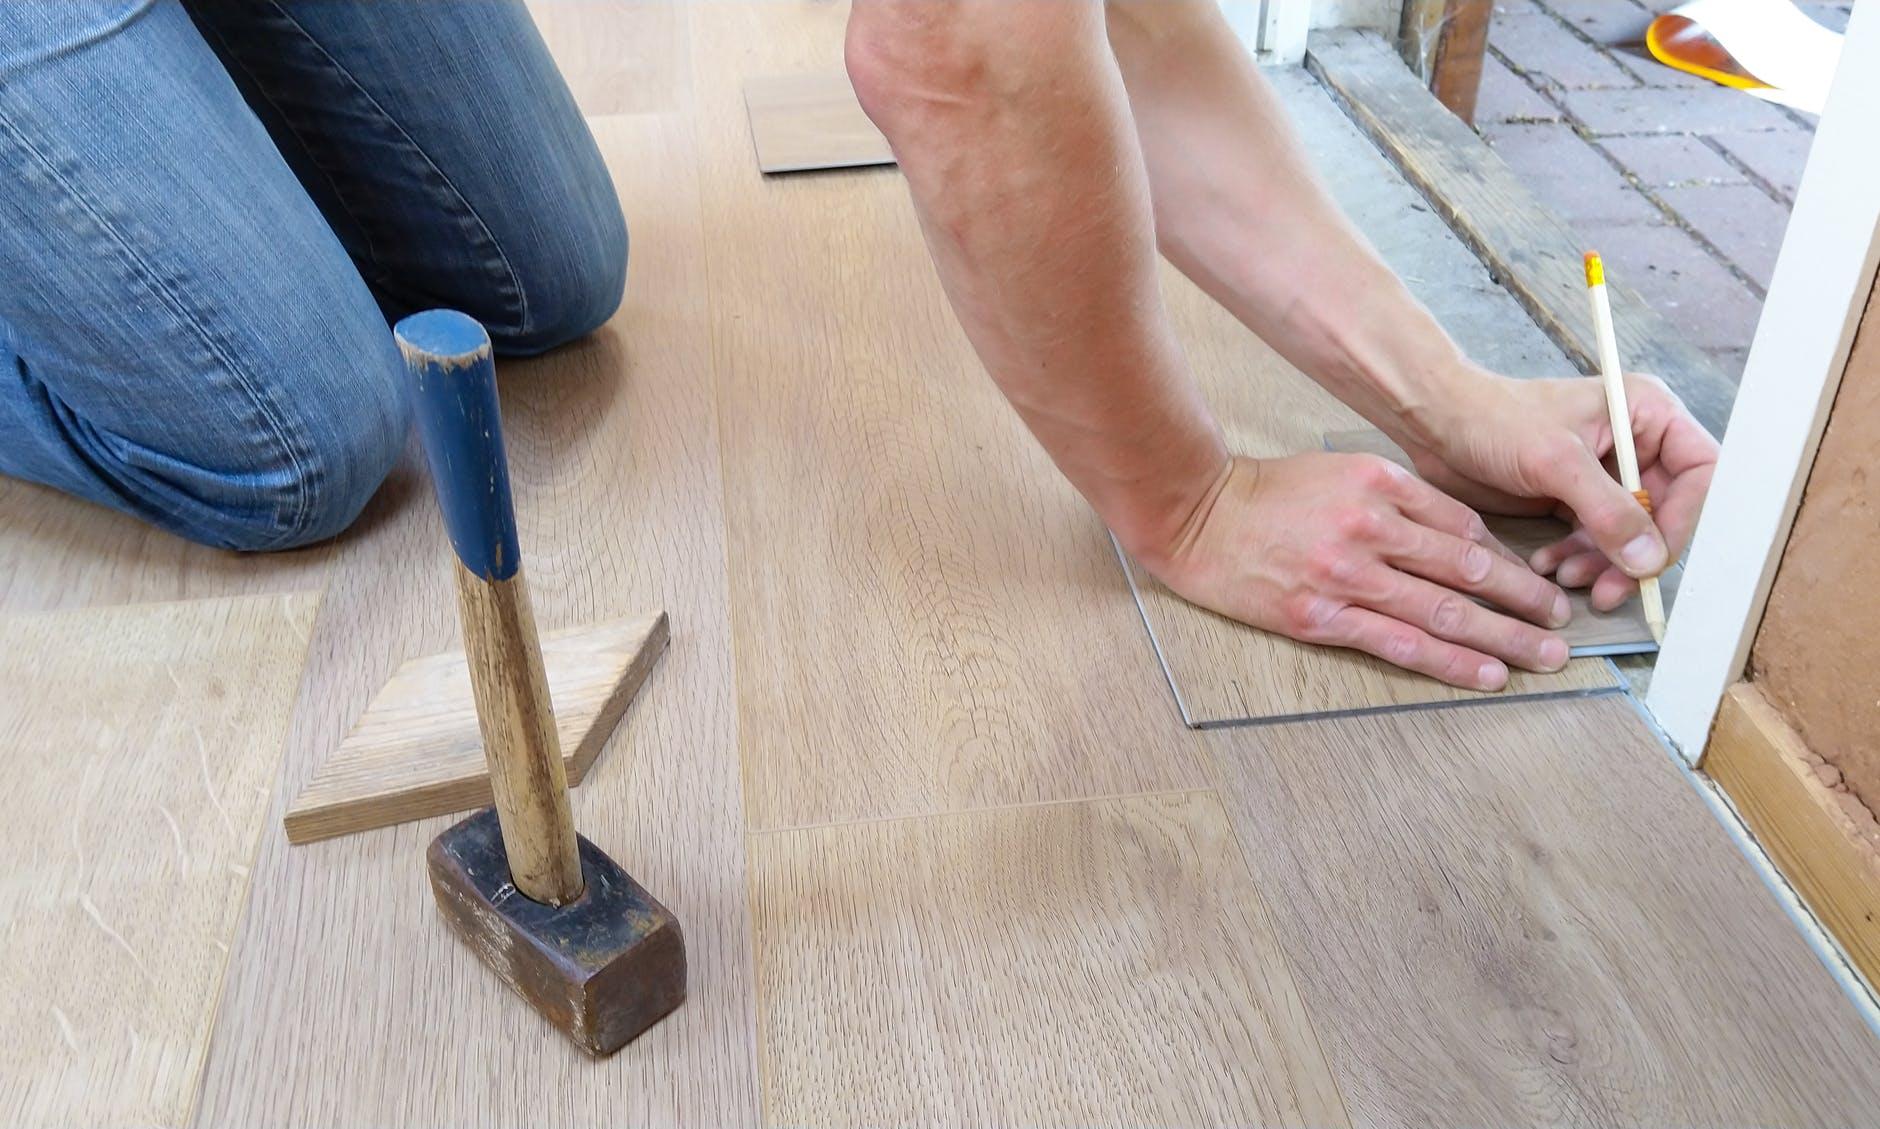 Orari e autorizzazioni per i lavori in casa